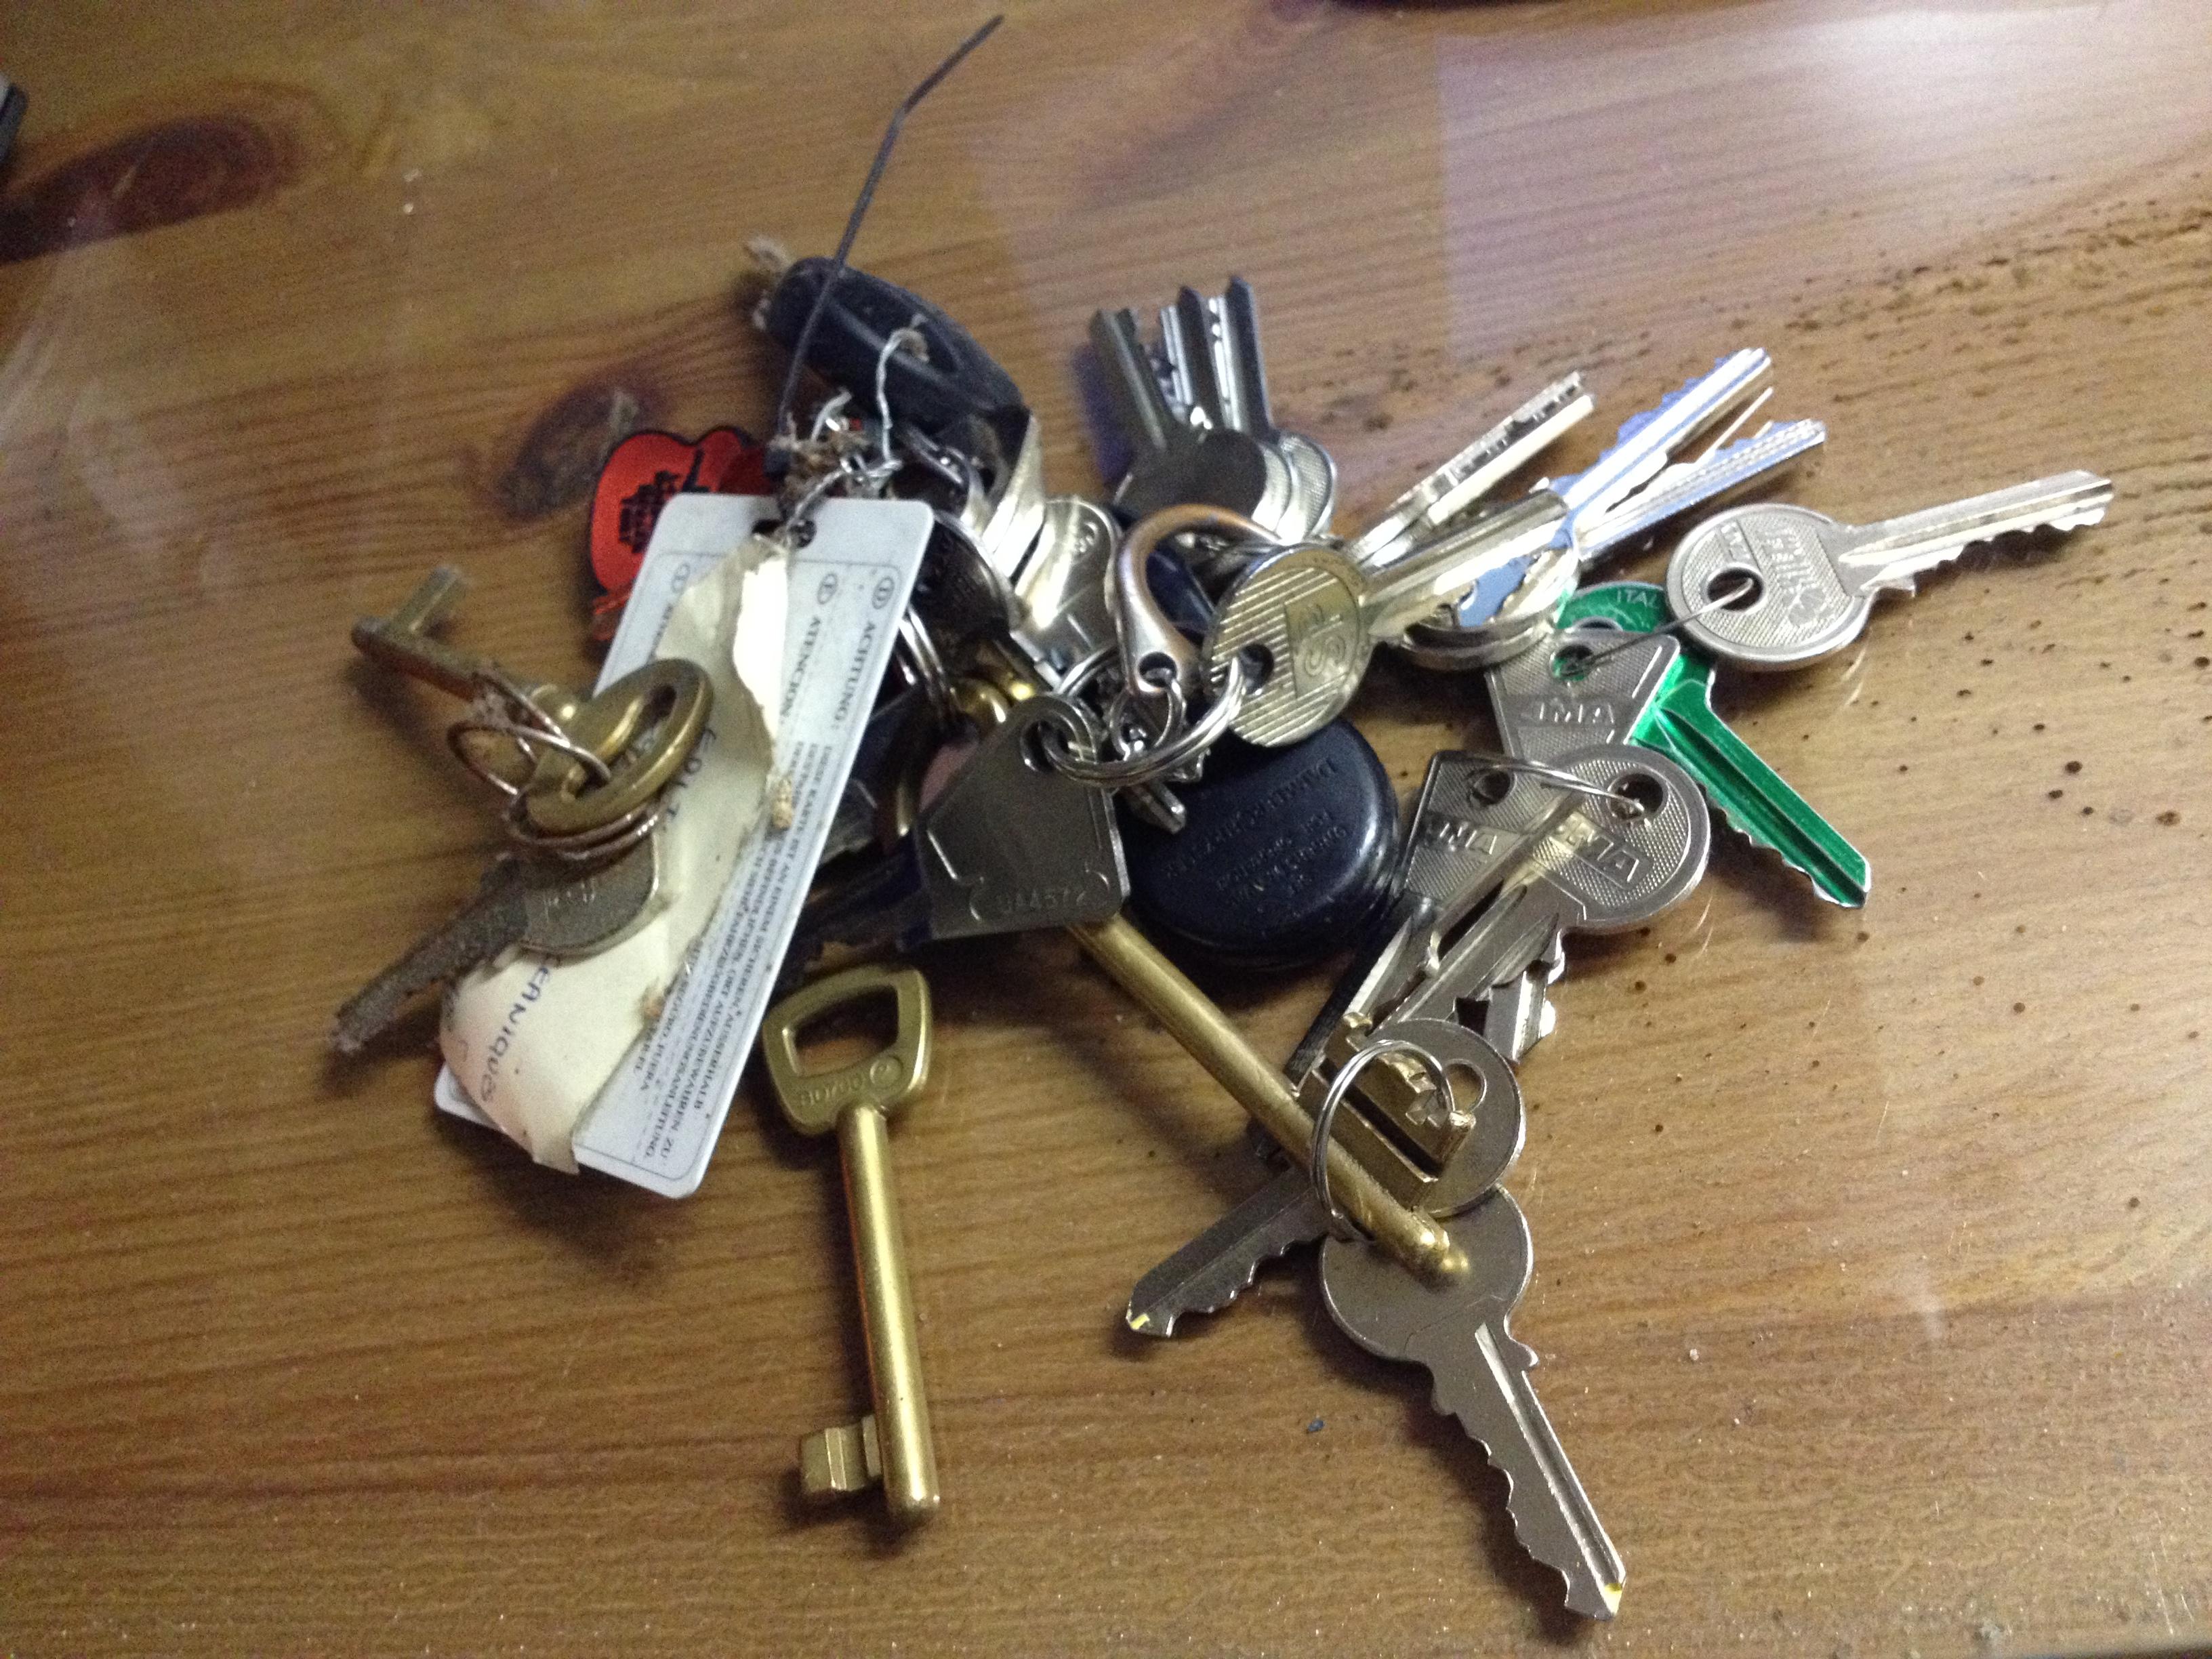 Les clés du paradis